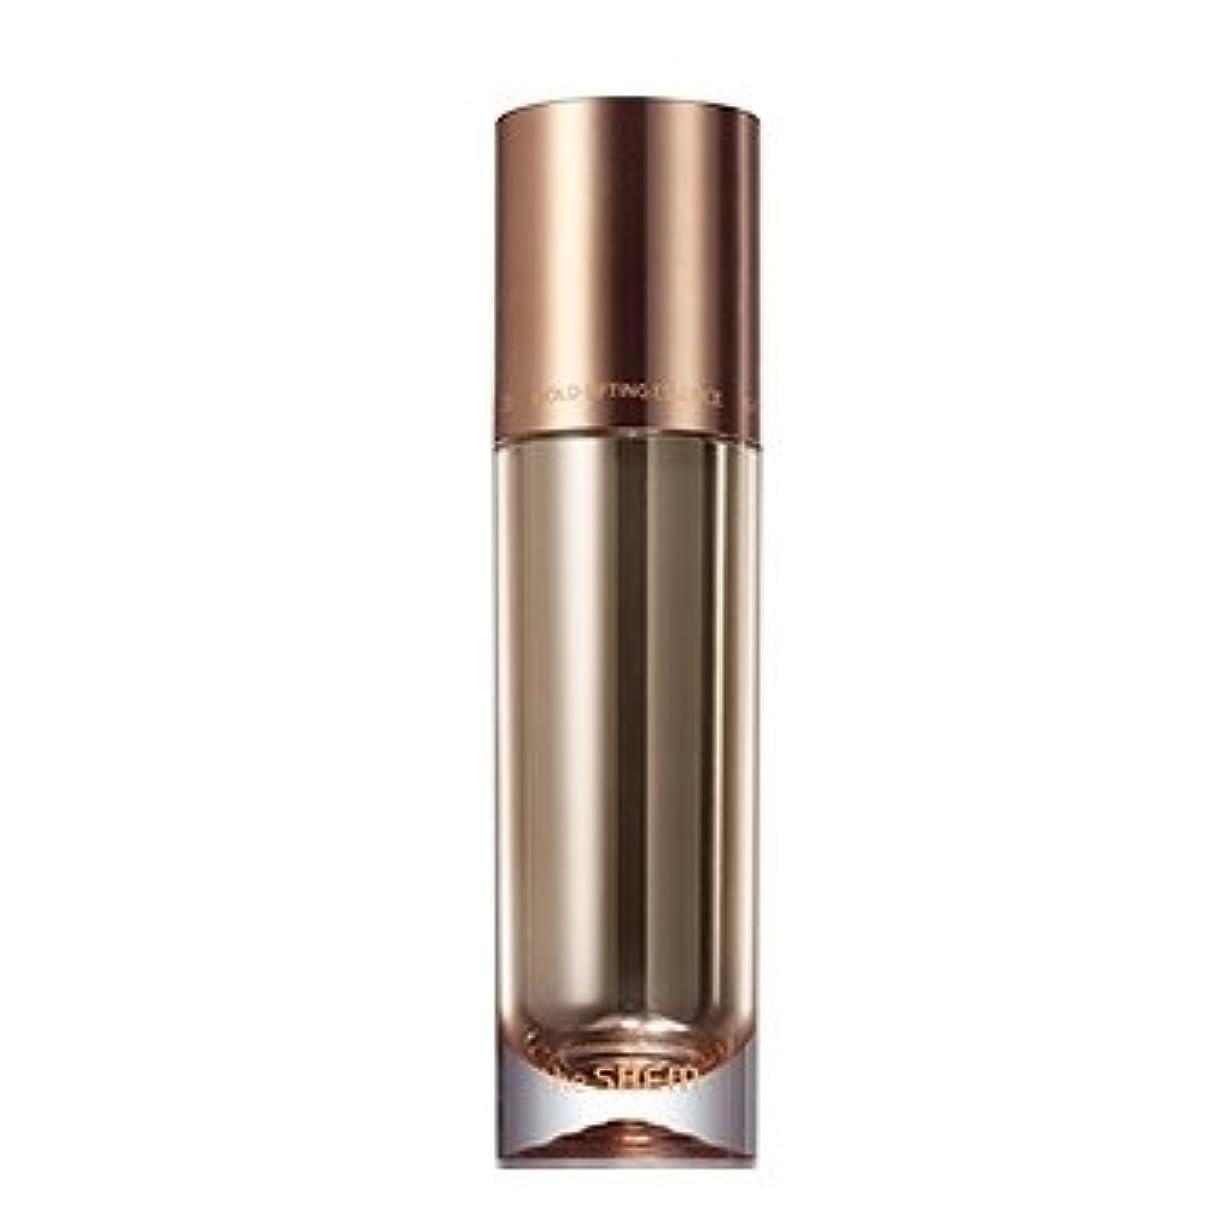 トラフ夜明け考古学the SAEM Gold Lifting Essence 40ml/ザセム ゴールド リフティング エッセンス 40ml [並行輸入品]